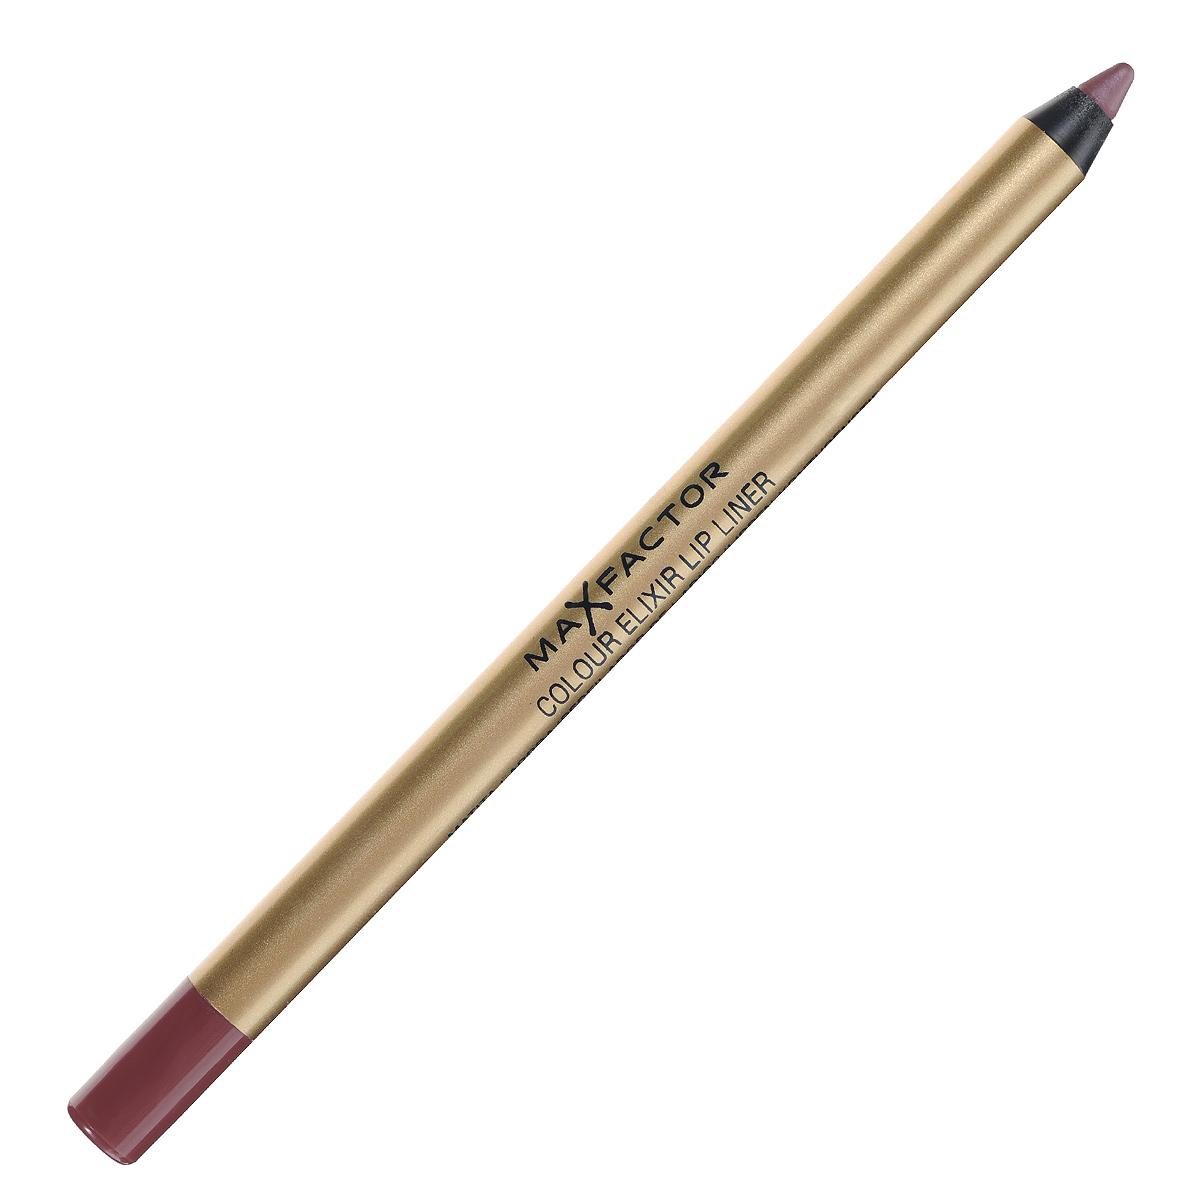 блеск для губ max factor colour elixir gloss 80 Max Factor Карандаш для губ Colour Elixir Lip Liner, тон №12 red blush, цвет: бордовый